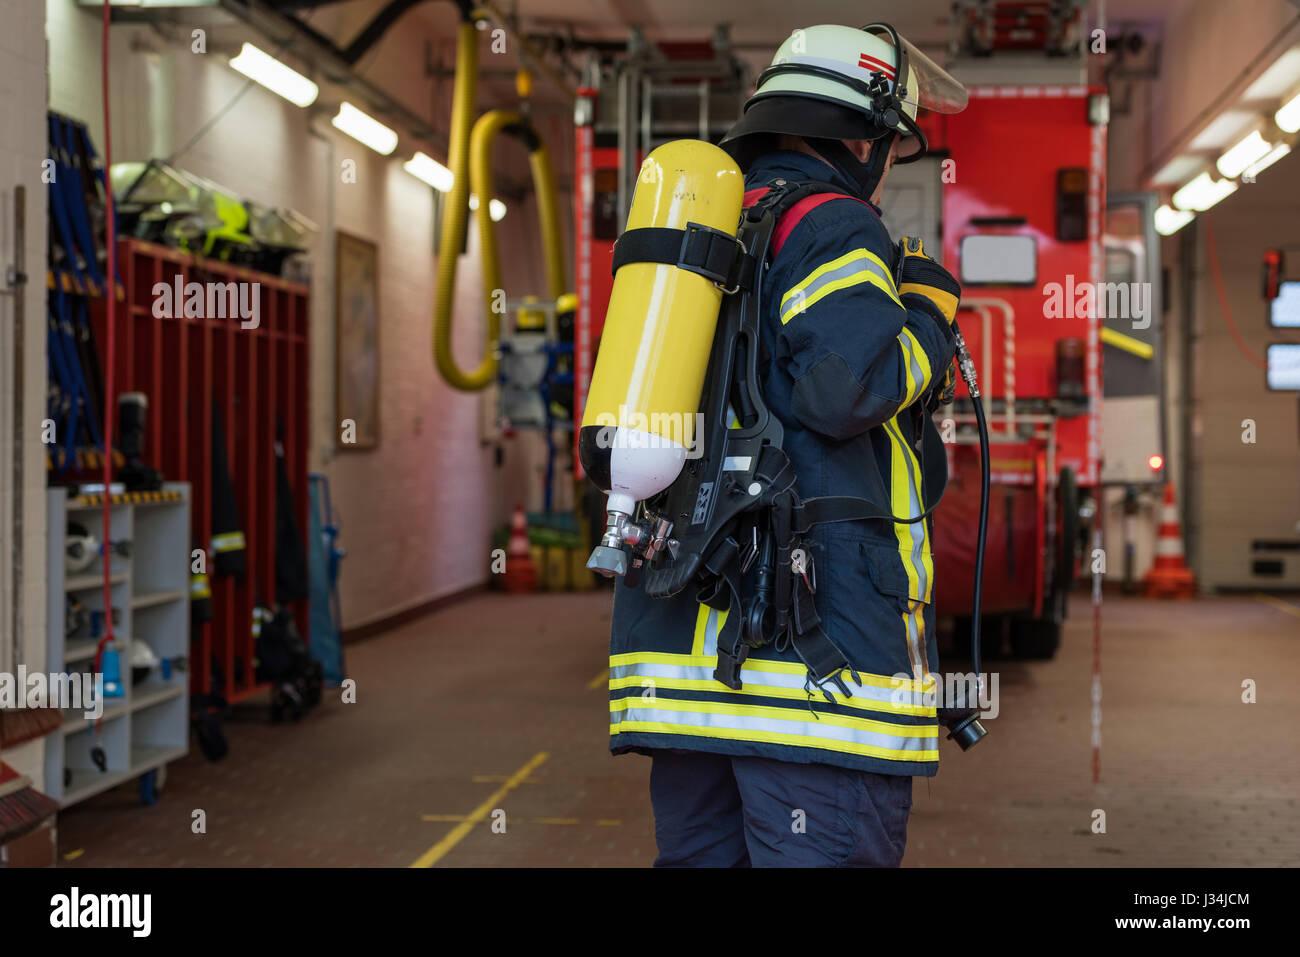 El bombero alemán en acción con tanque de oxígeno Imagen De Stock